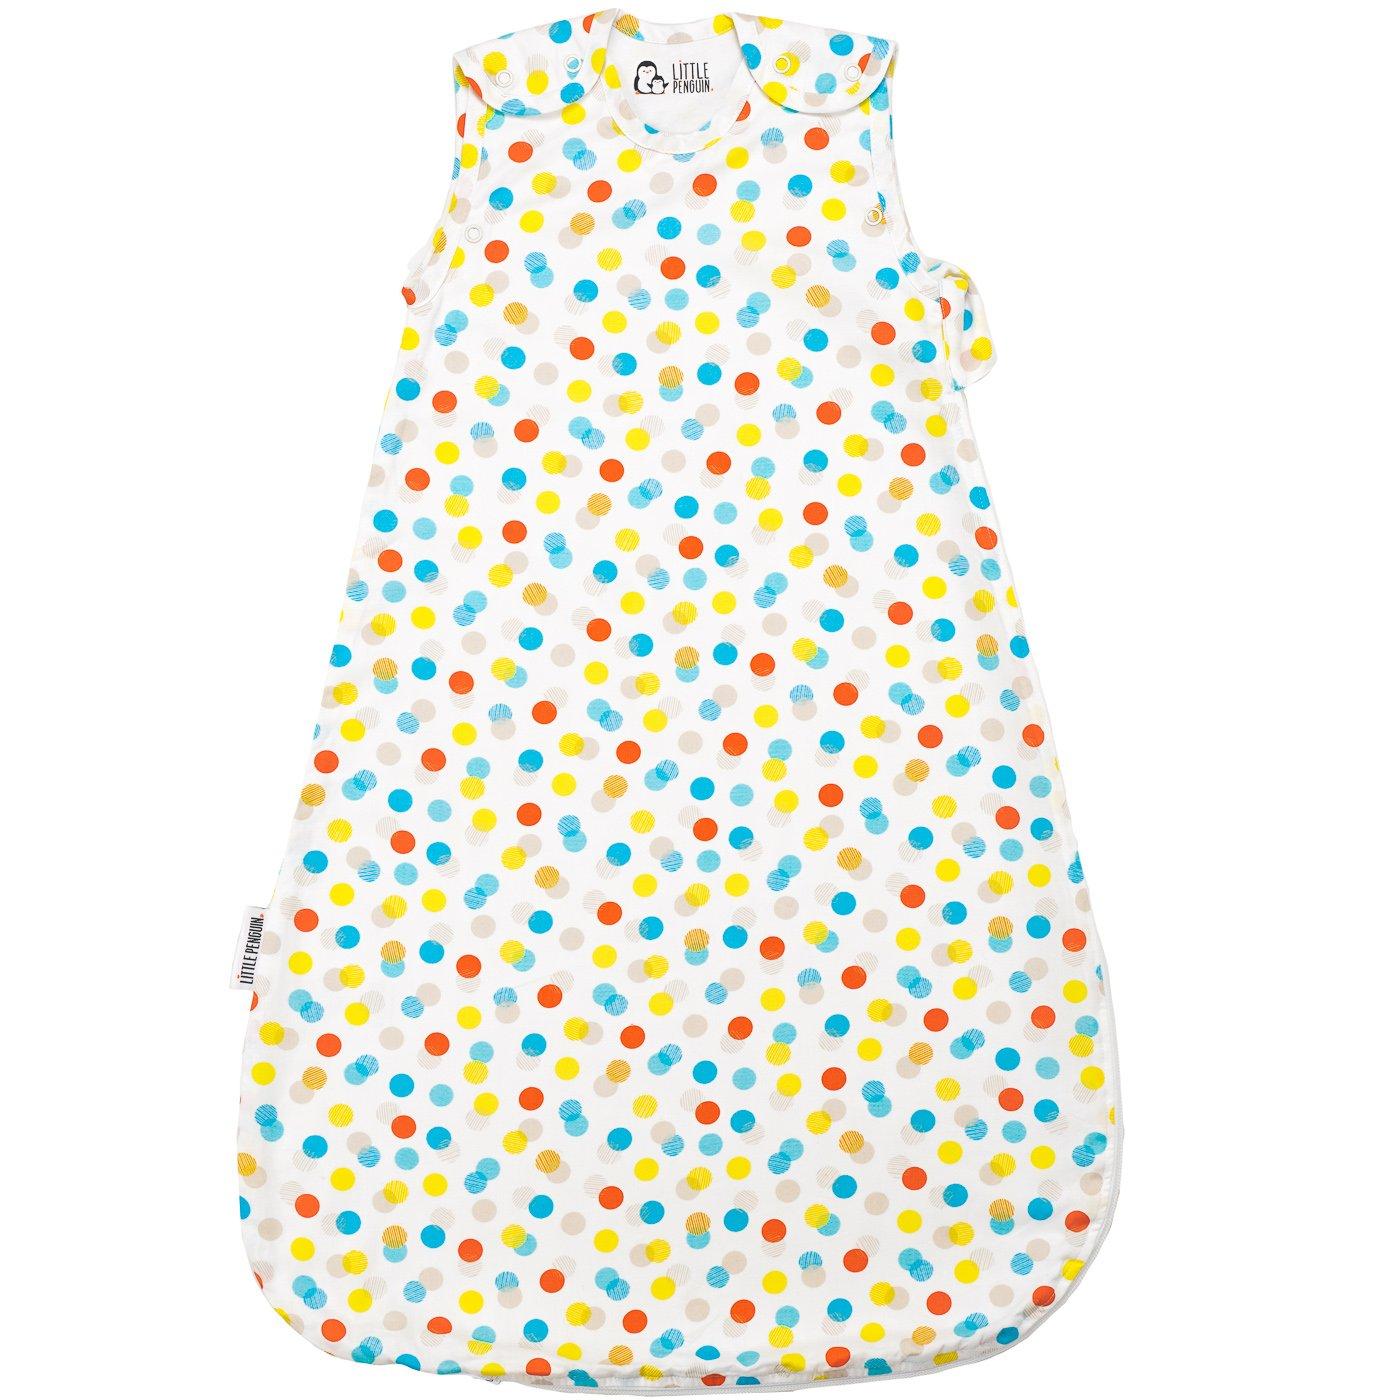 Sleeping bag - Confetti